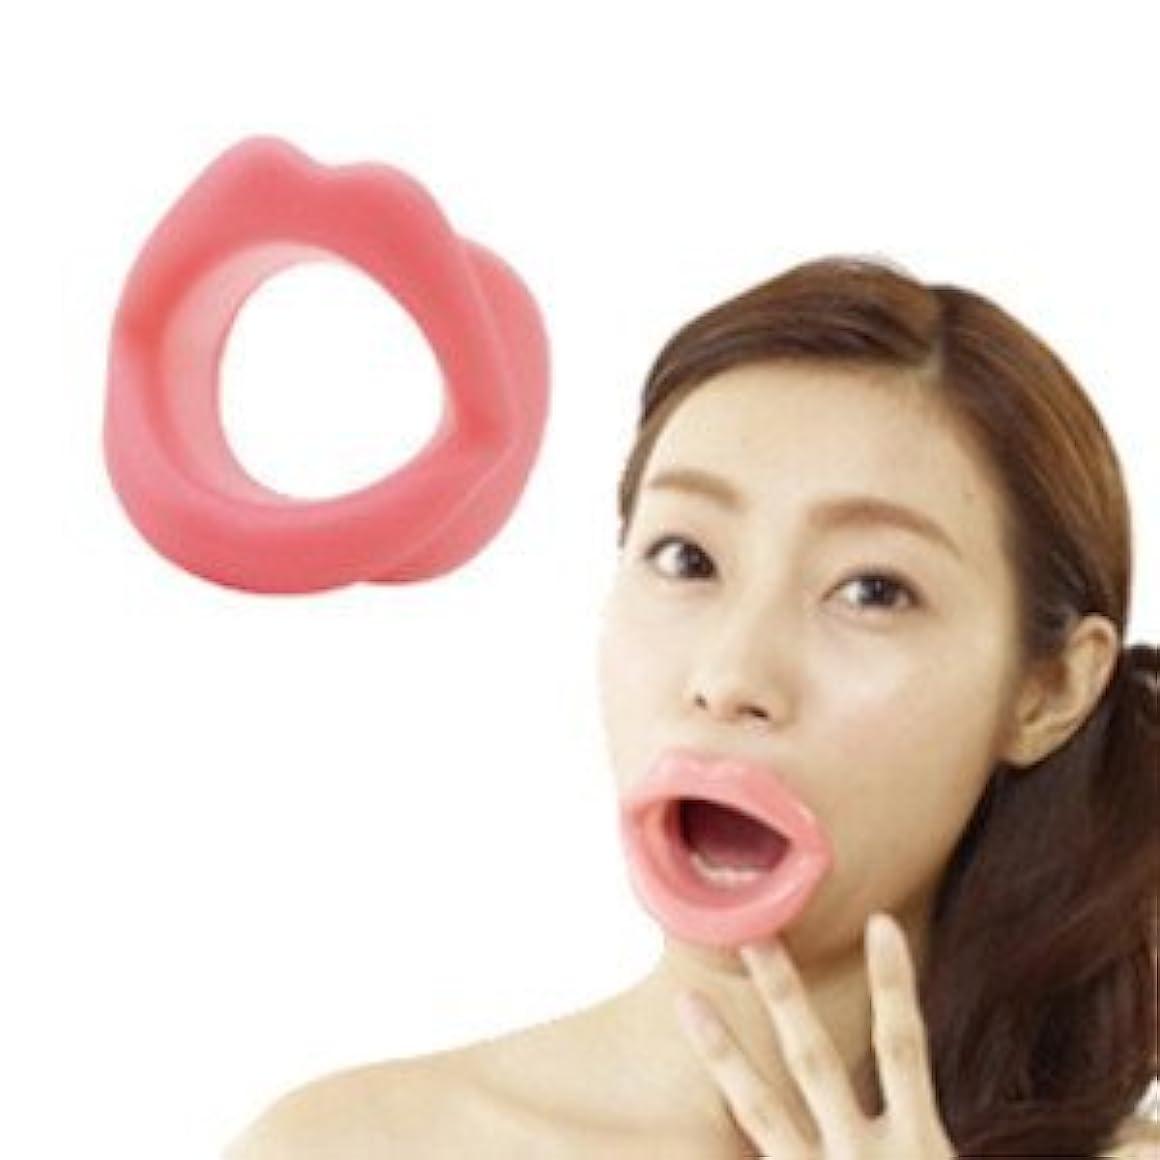 増強する胆嚢無関心フェイススリマー